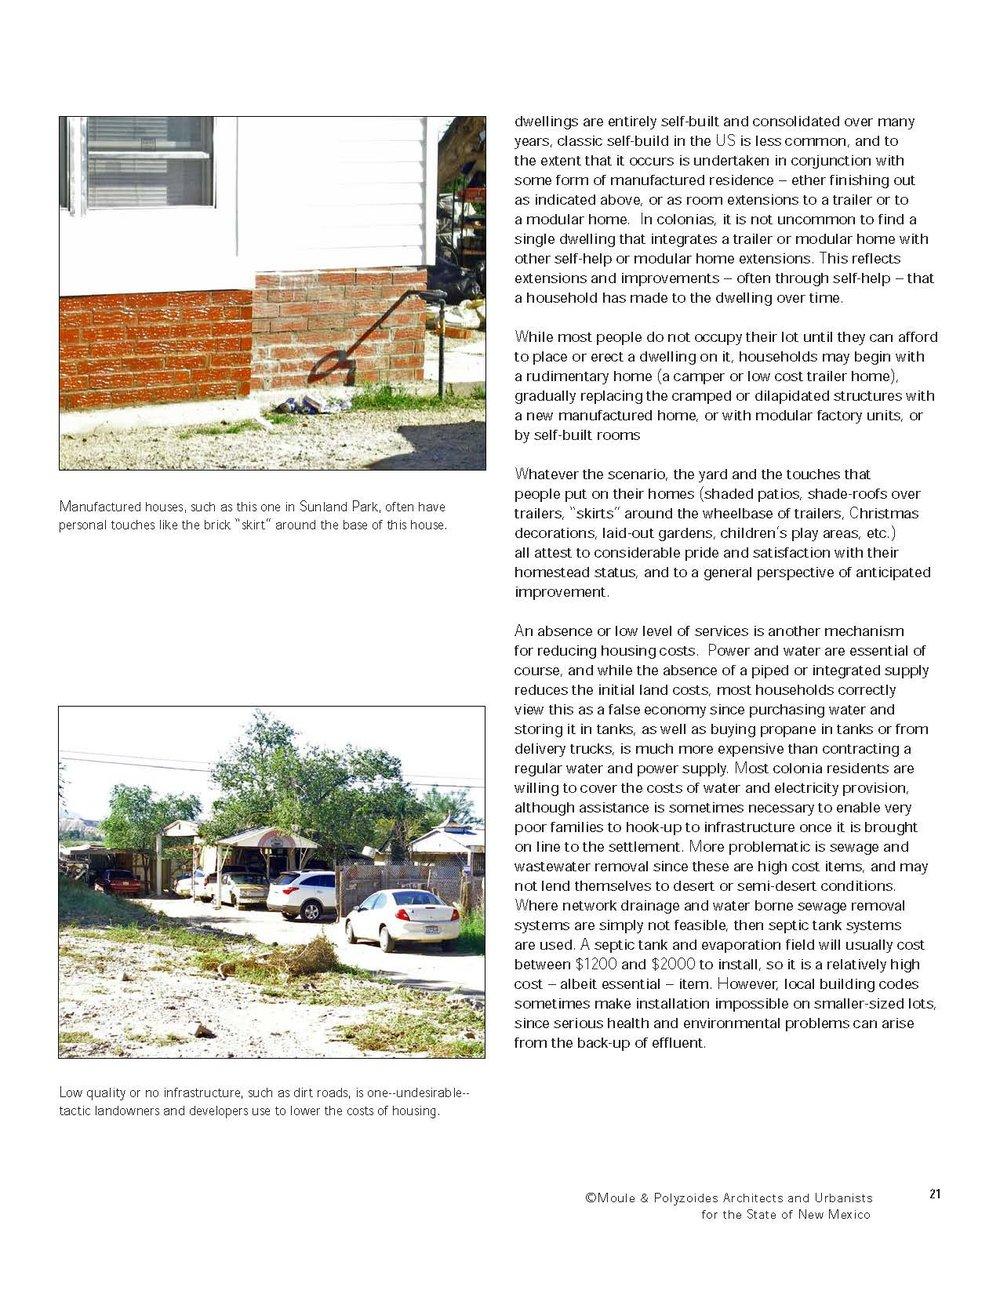 colonias_Page_21.jpg